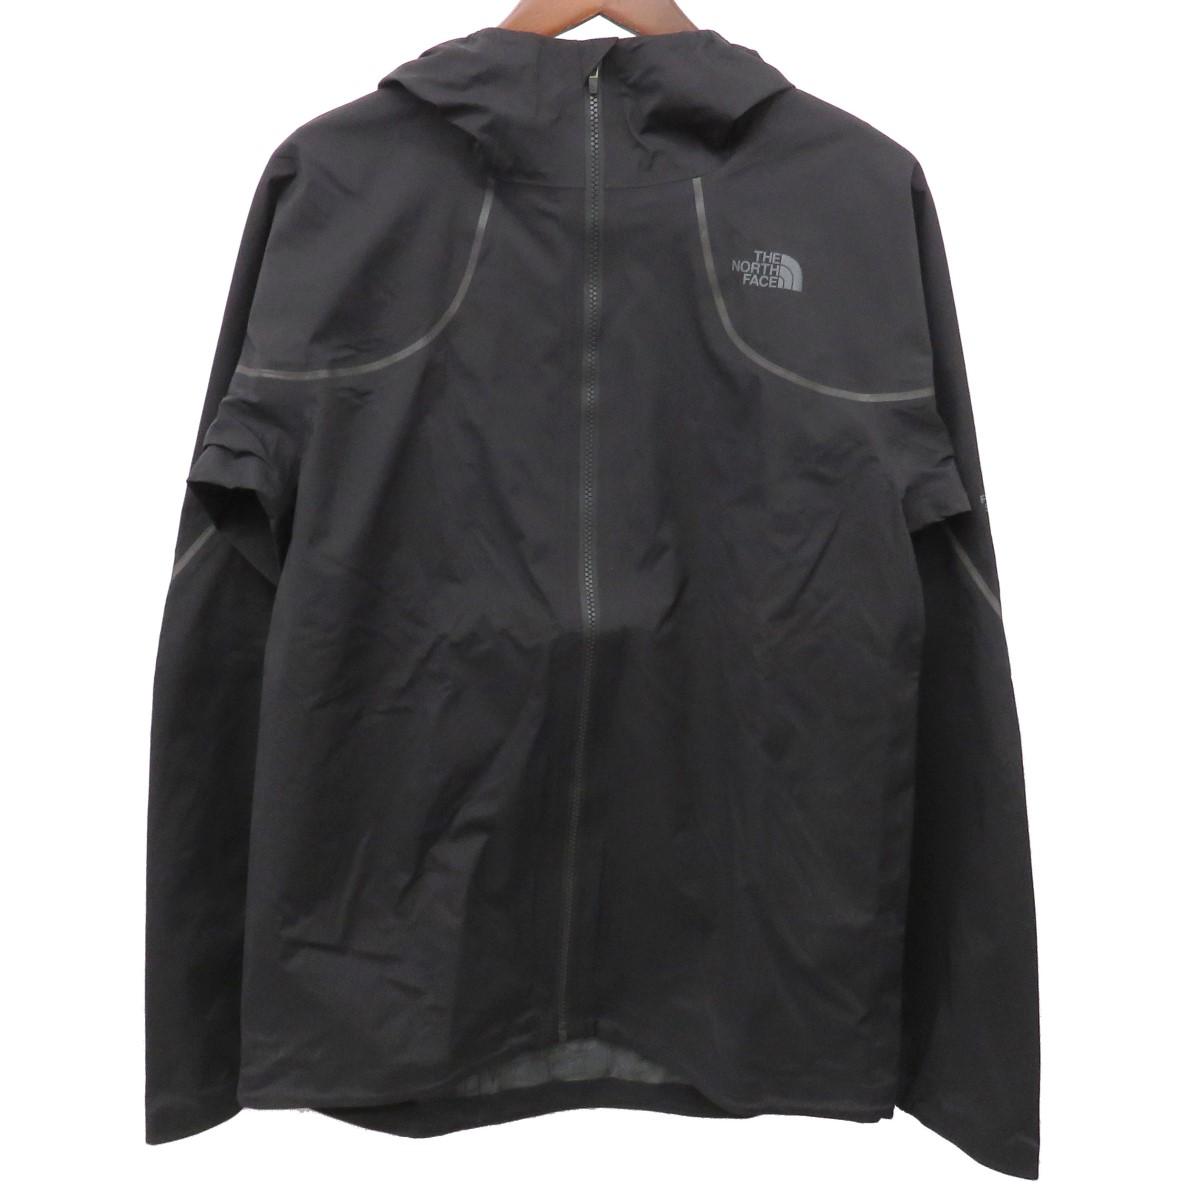 【中古】THE NORTH FACE FL Flight Trail Jacket ジャケット マウンテンパーカー ブラック サイズ:XS 【160320】(ザノースフェイス)